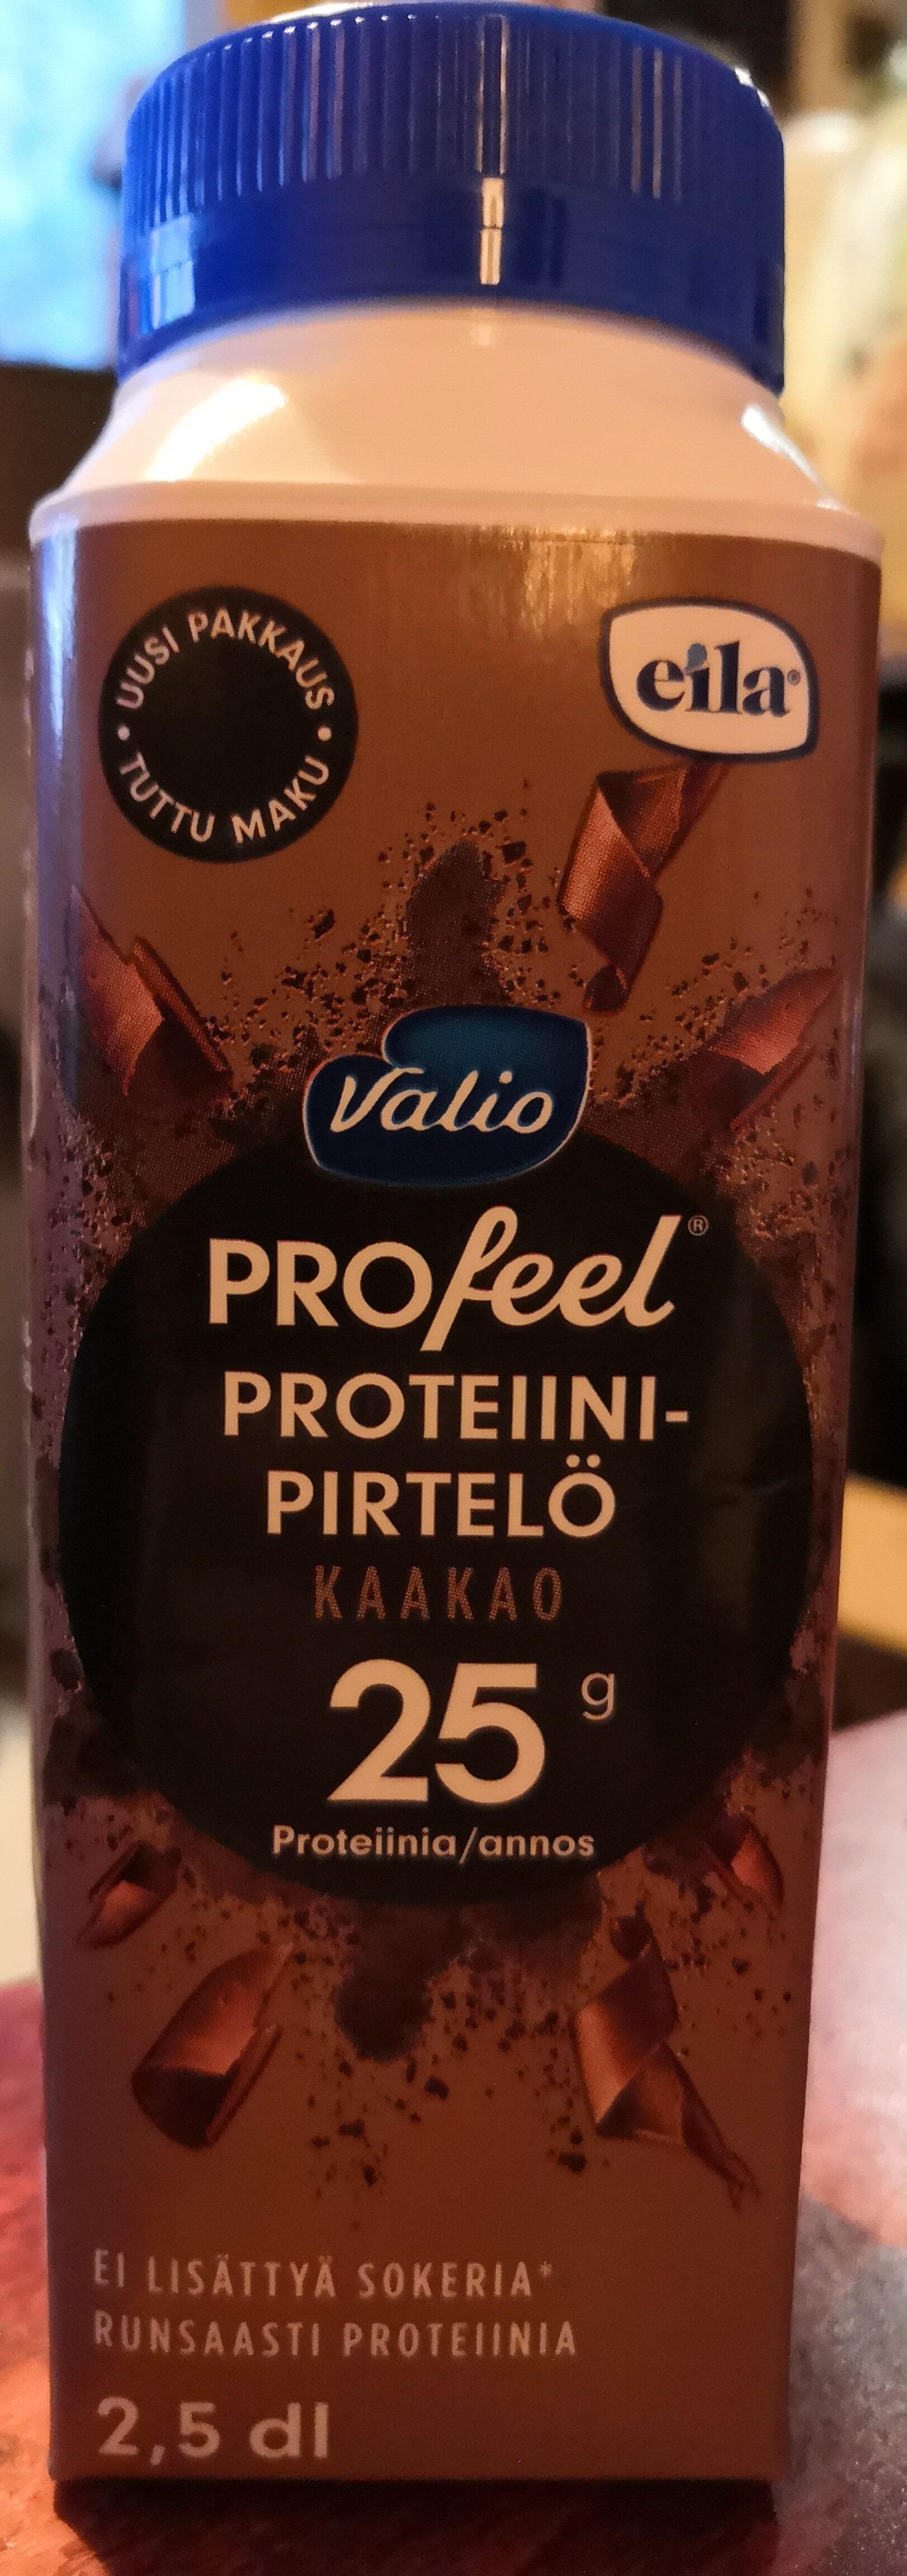 Profeel Proteiinipirtelö - kaakao - Product